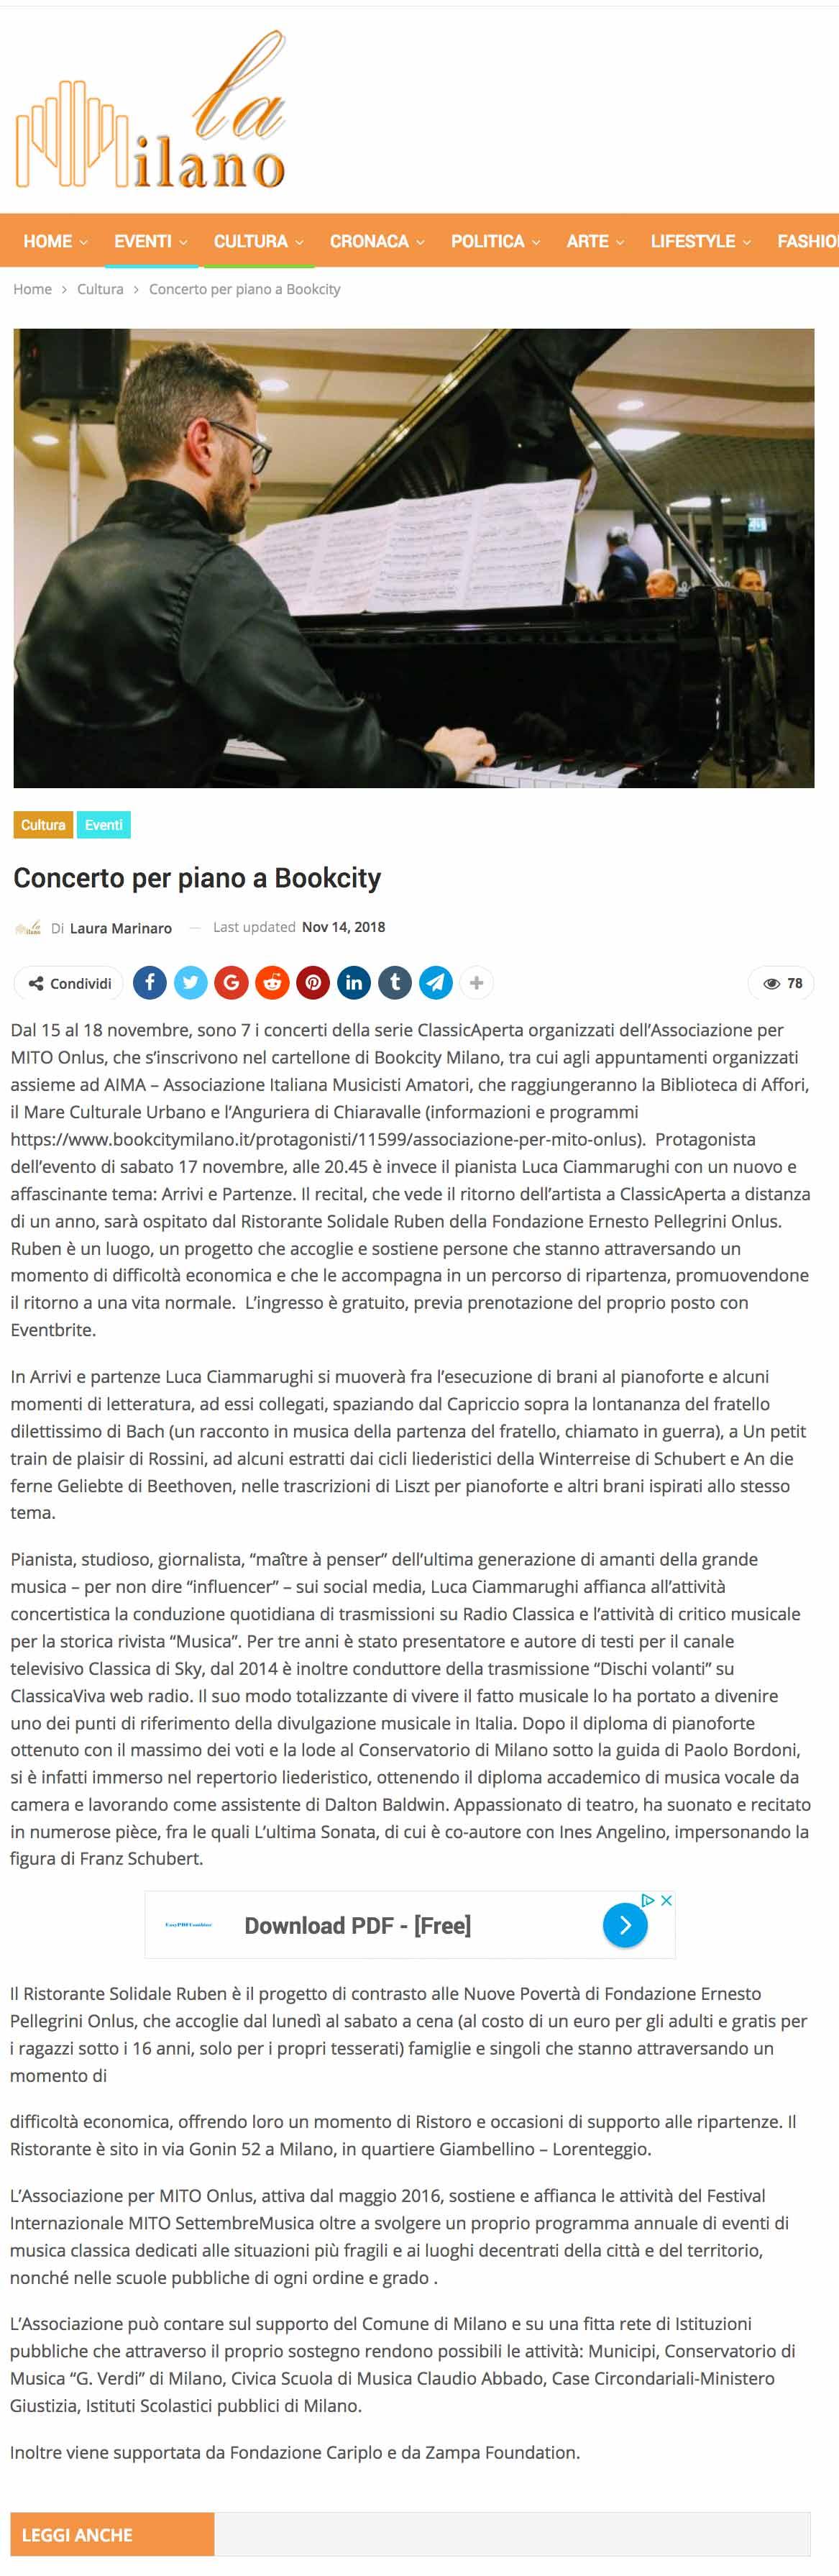 ClassicAperta: La Milano - concerto per piano a Bookcity